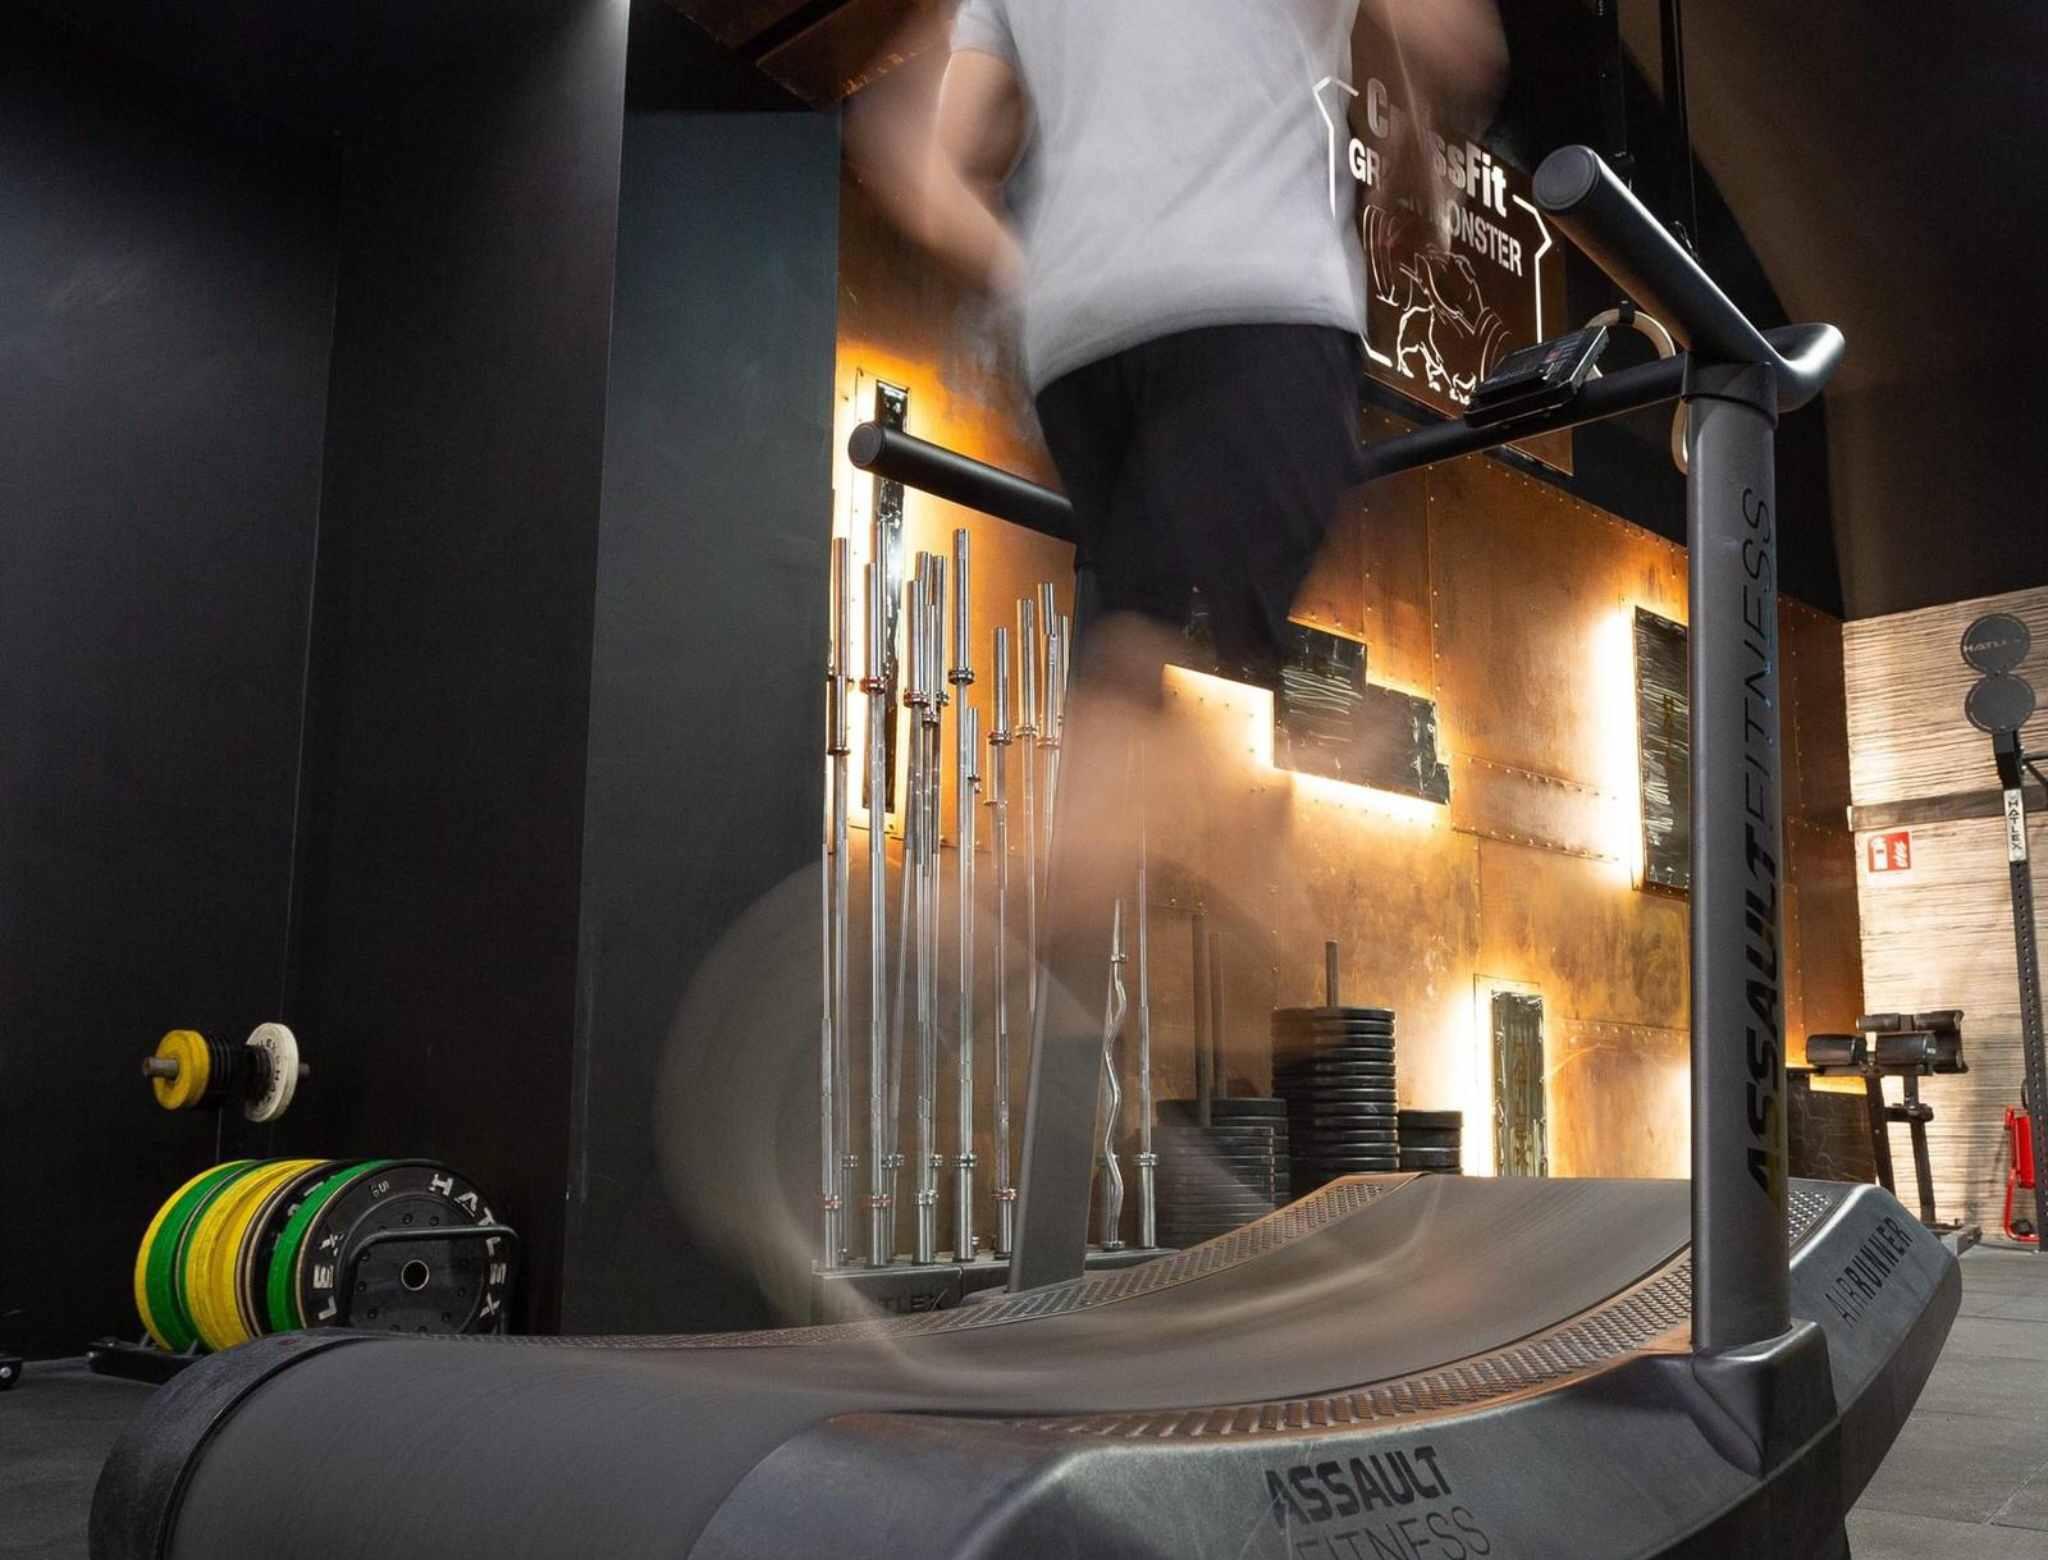 L'allenamento aerobico a digiuno per definirsi